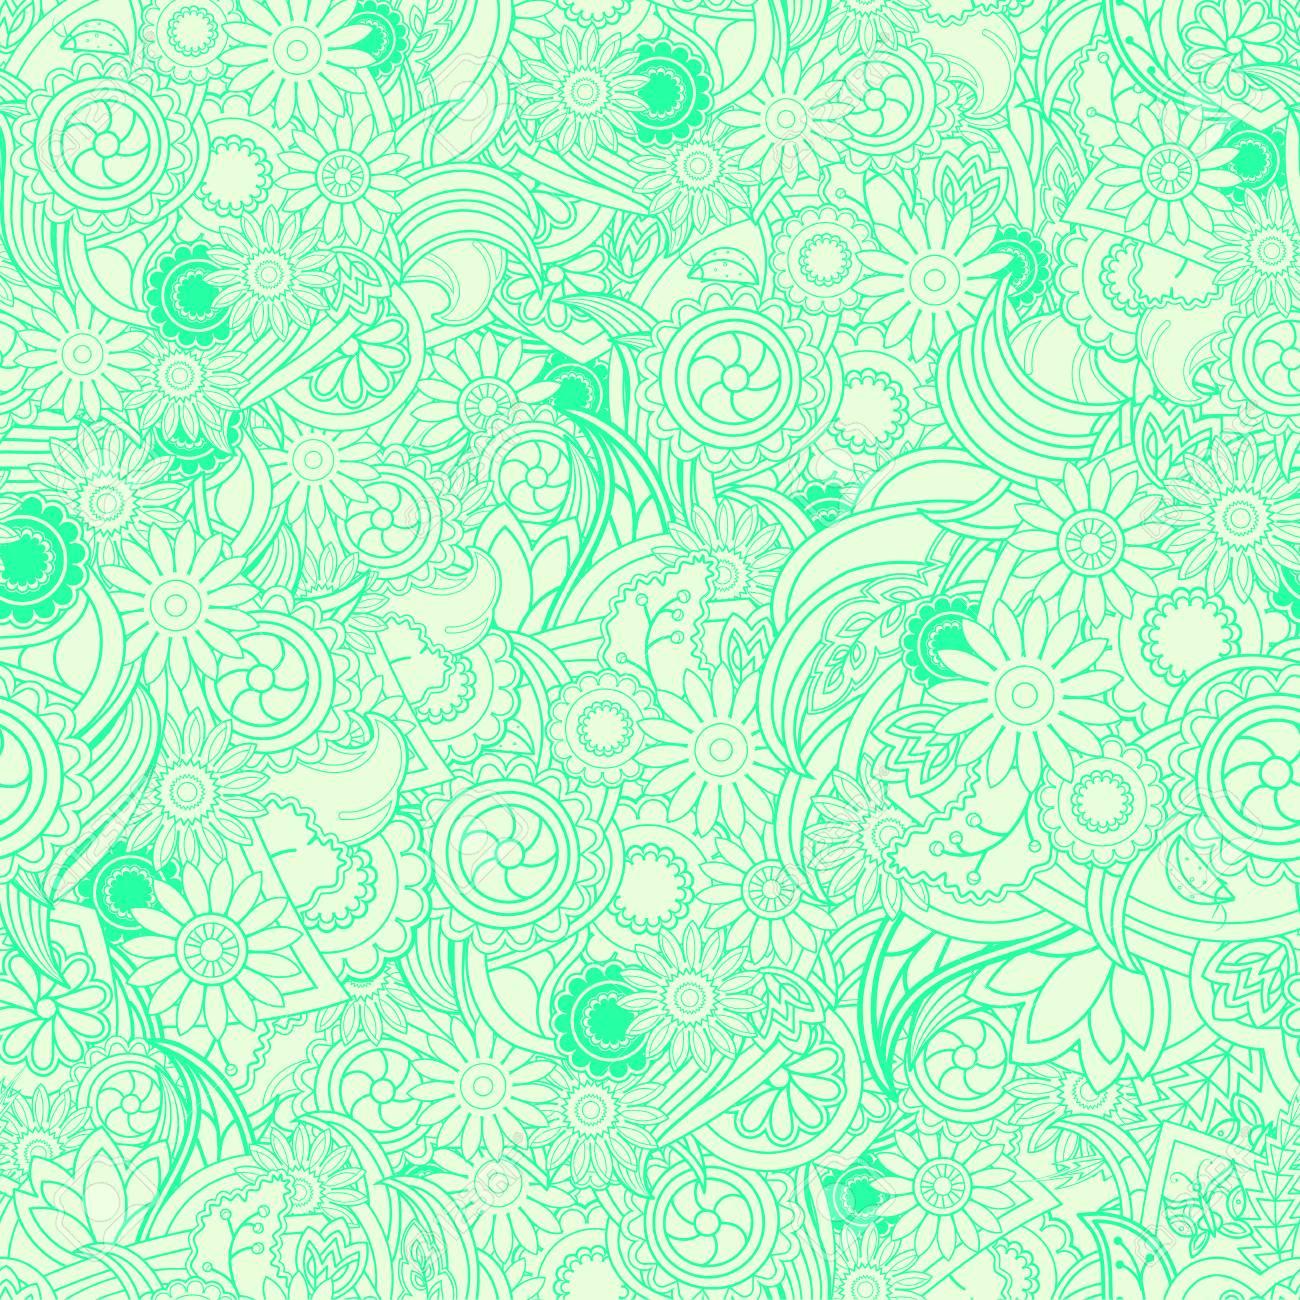 floral hellgrünen hintergrund. nahtlose textur mit blumen und grün